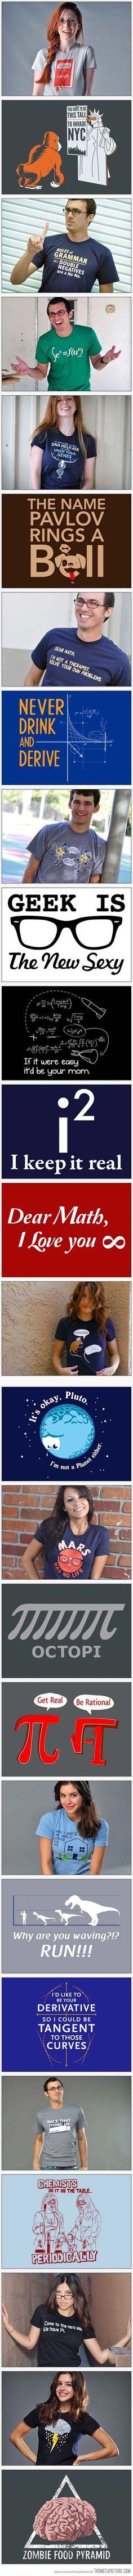 Coolest geek t-shirt designs…